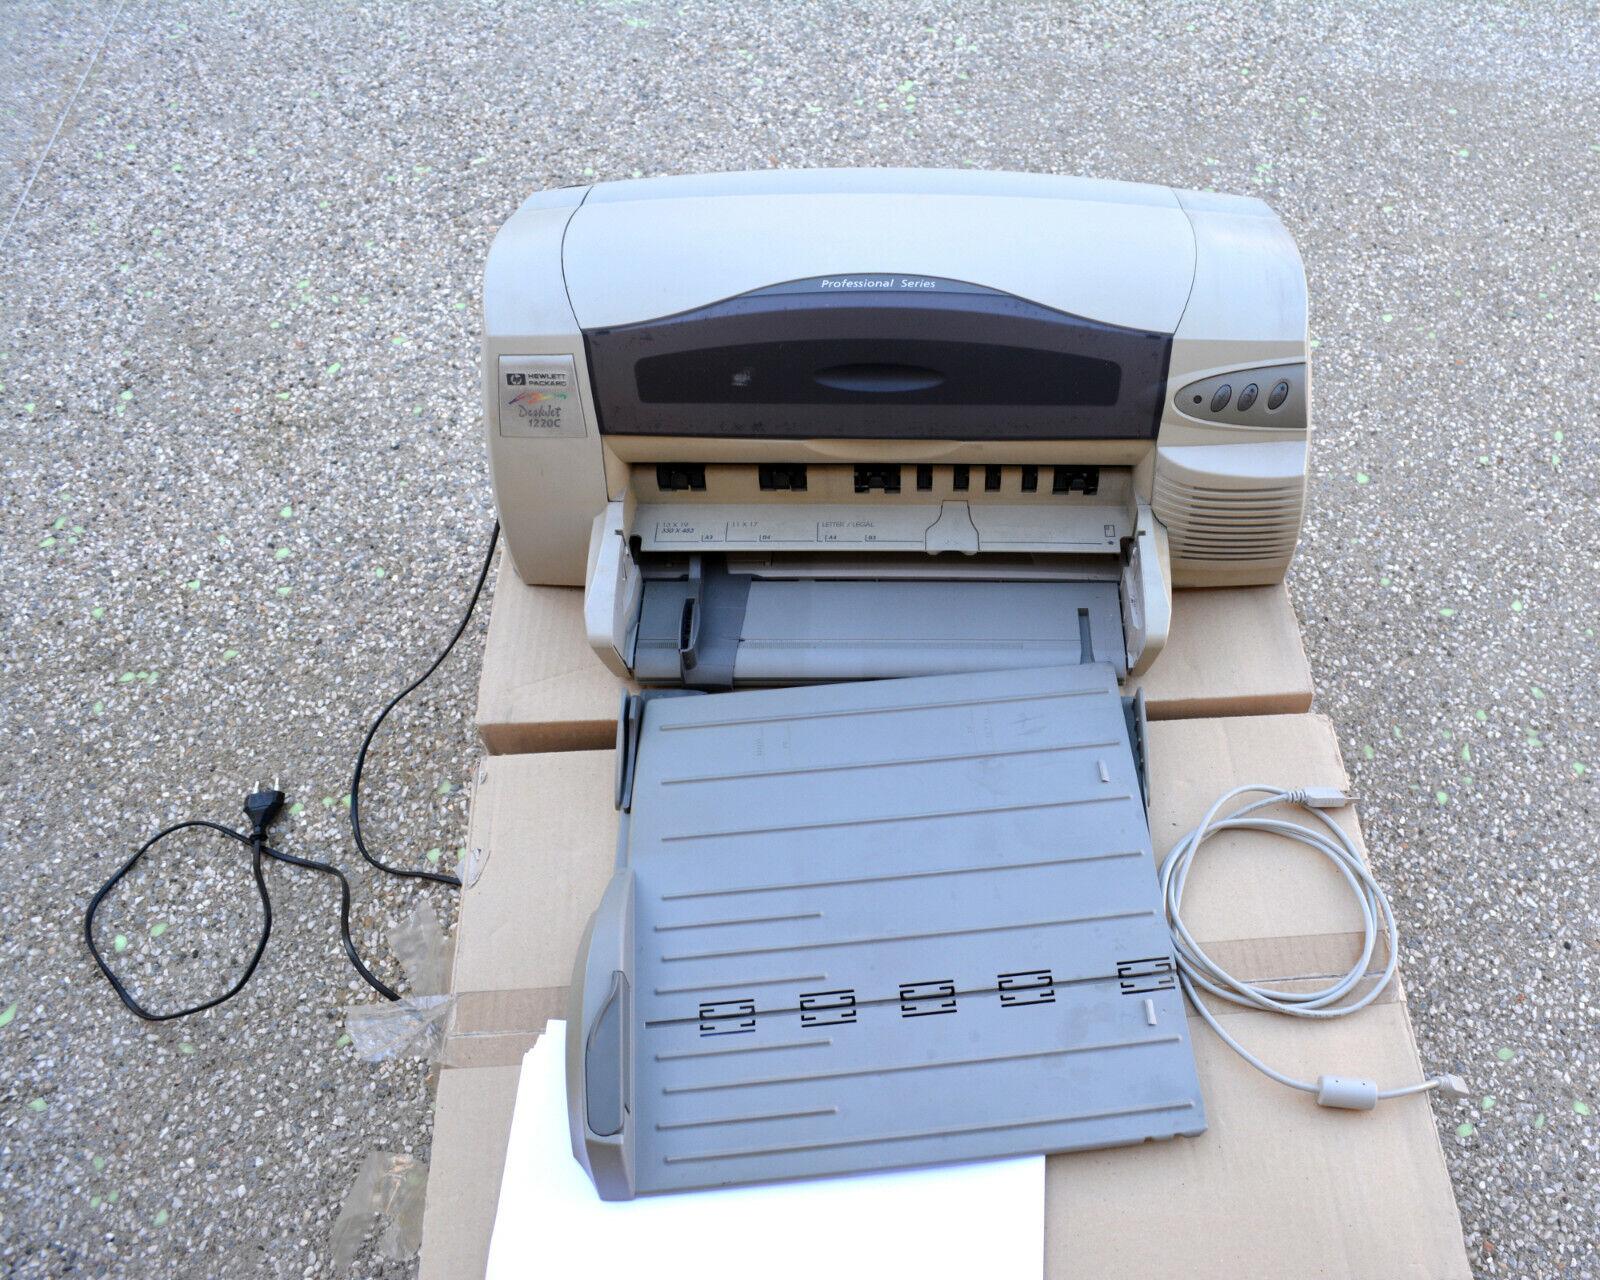 Imprimante a3 hp deskjet 1220c